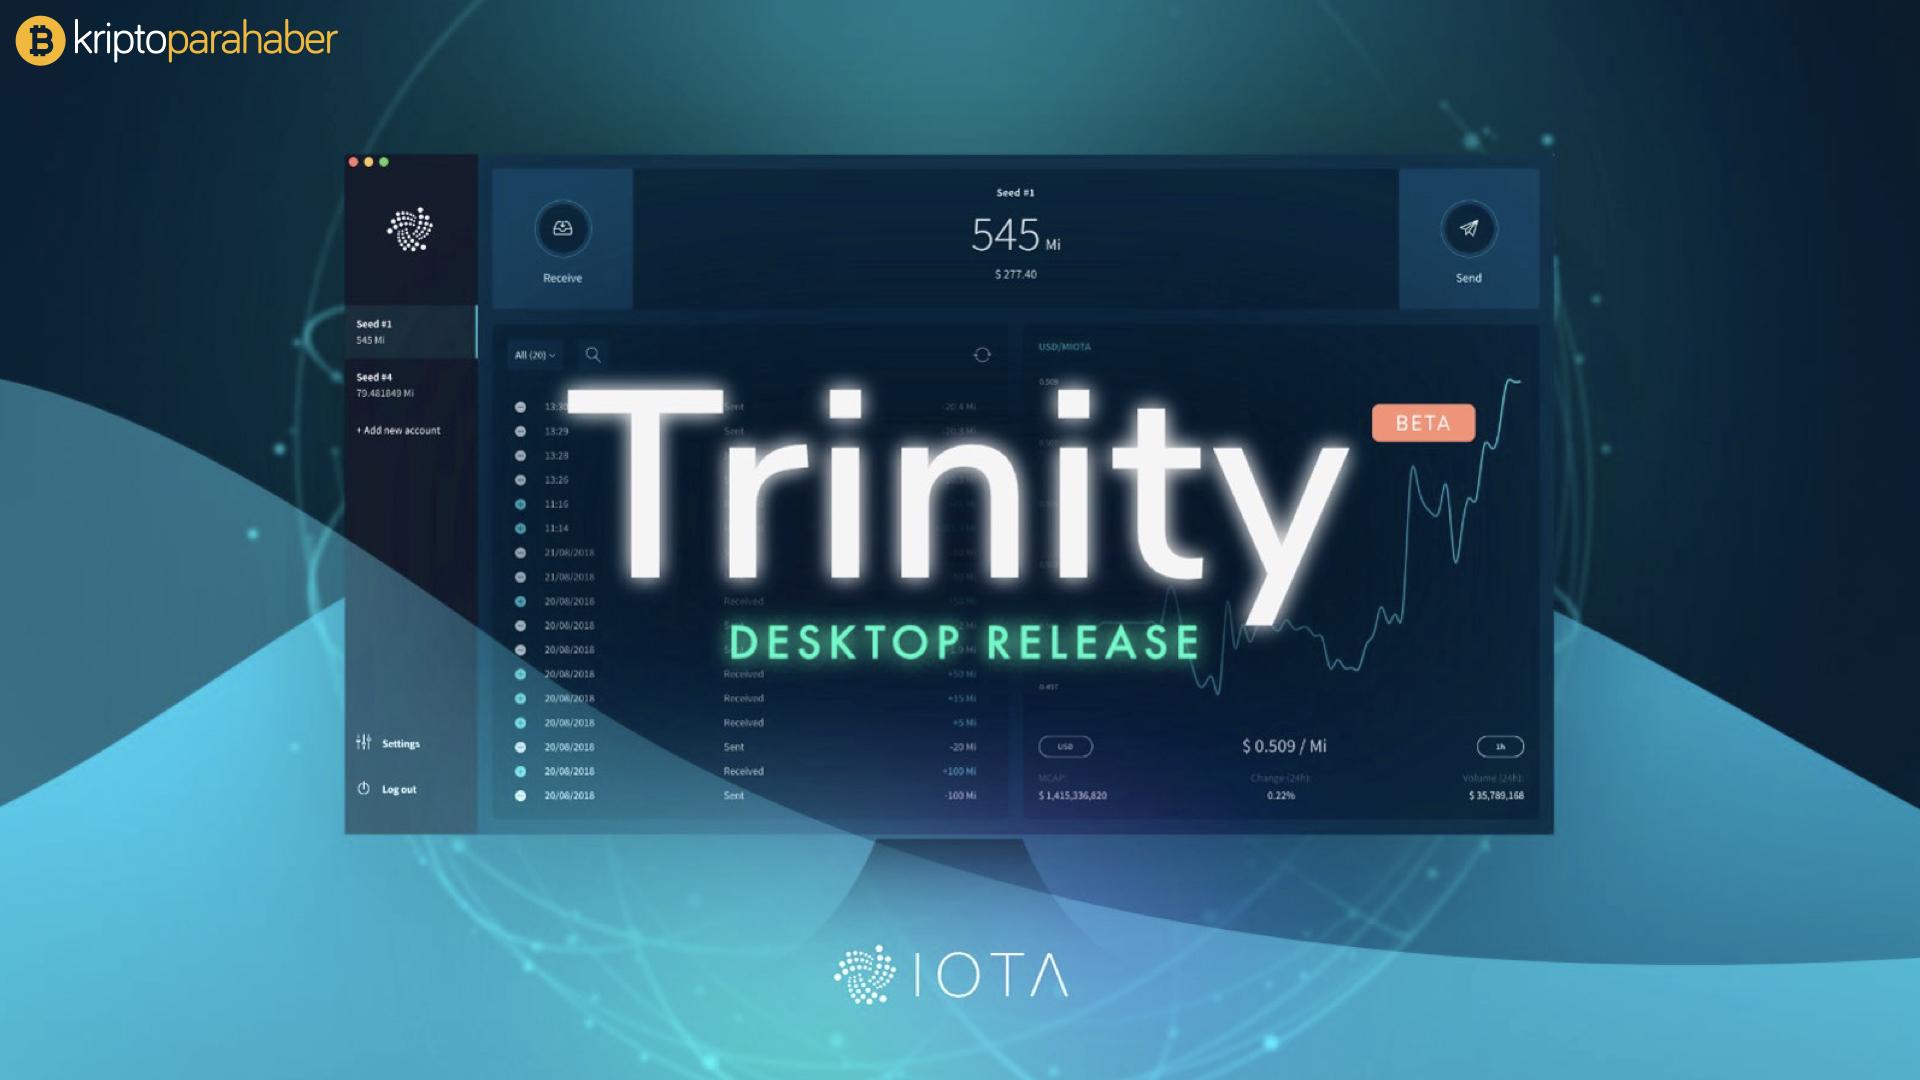 IOTA tarafından başlatılan Trinity artık masaüstünde kullanılabilir.